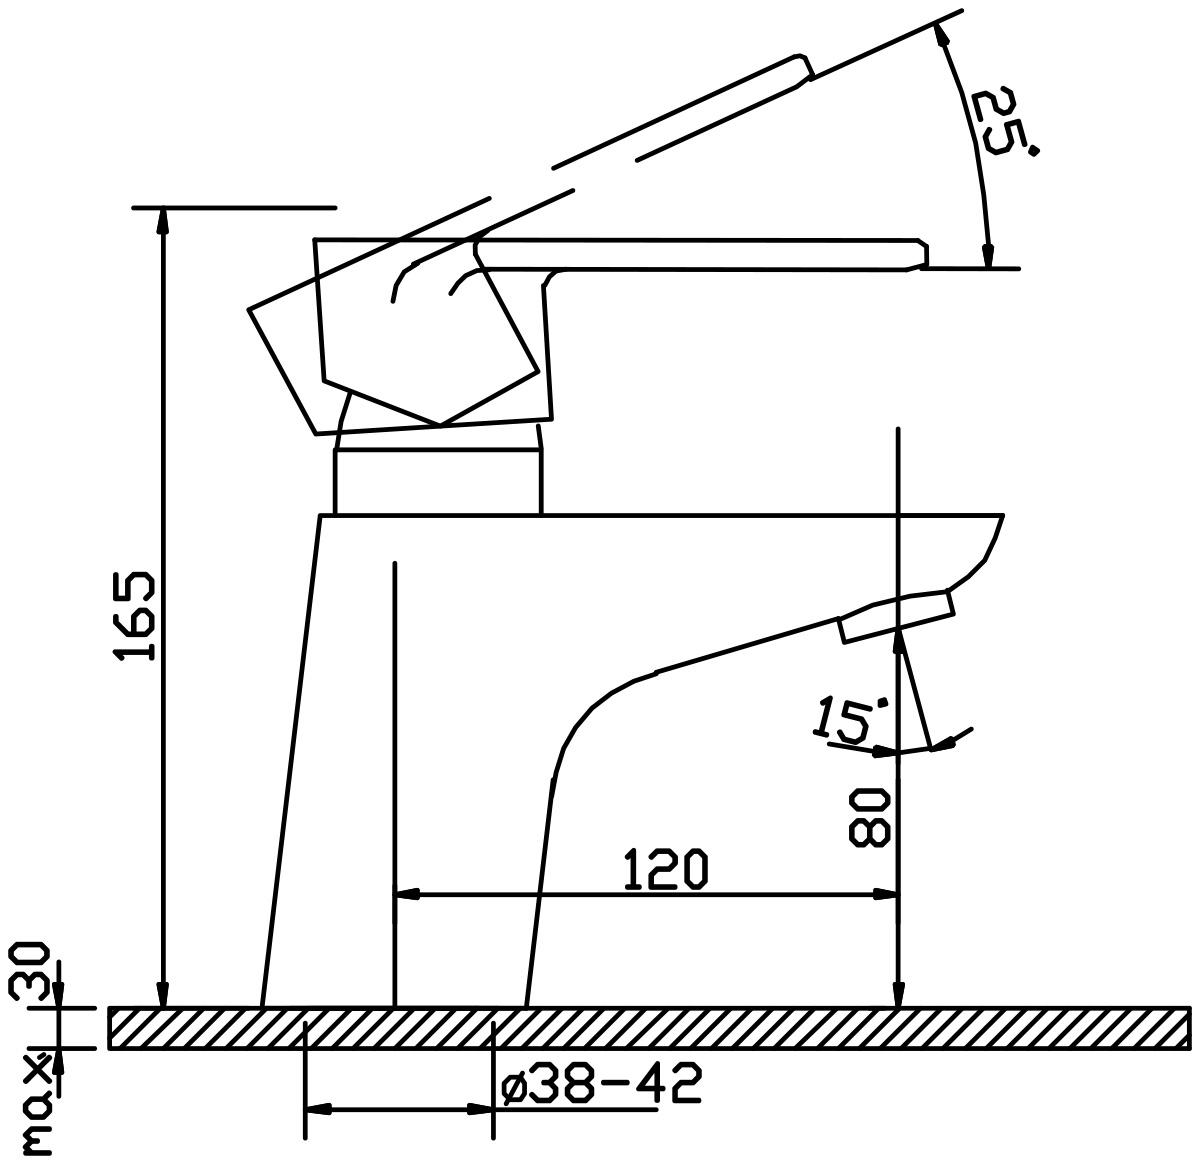 """Смеситель для умывальника Argo """"Beta"""" предназначен для смешивания холодной и горячей воды, устанавливается на мойку. Выполнен из высококачественного металла с покрытием из никеля и хрома.      Запорный механизм: картридж d-40 мм """"Short-size"""" SEDAL  Аэратор: М24х1 Neoperl SSR PCA """"Шарнир ±10° с редуктором потока"""" 8 л/мин при 0,3 МПа  Крепеж: двухшточный """"Double-rod""""   Доп. информация: с выходом под донный клапан       Комплектация: Гибкая подводка Mateu, 50 см   Ключ для демонтажа аэратора"""